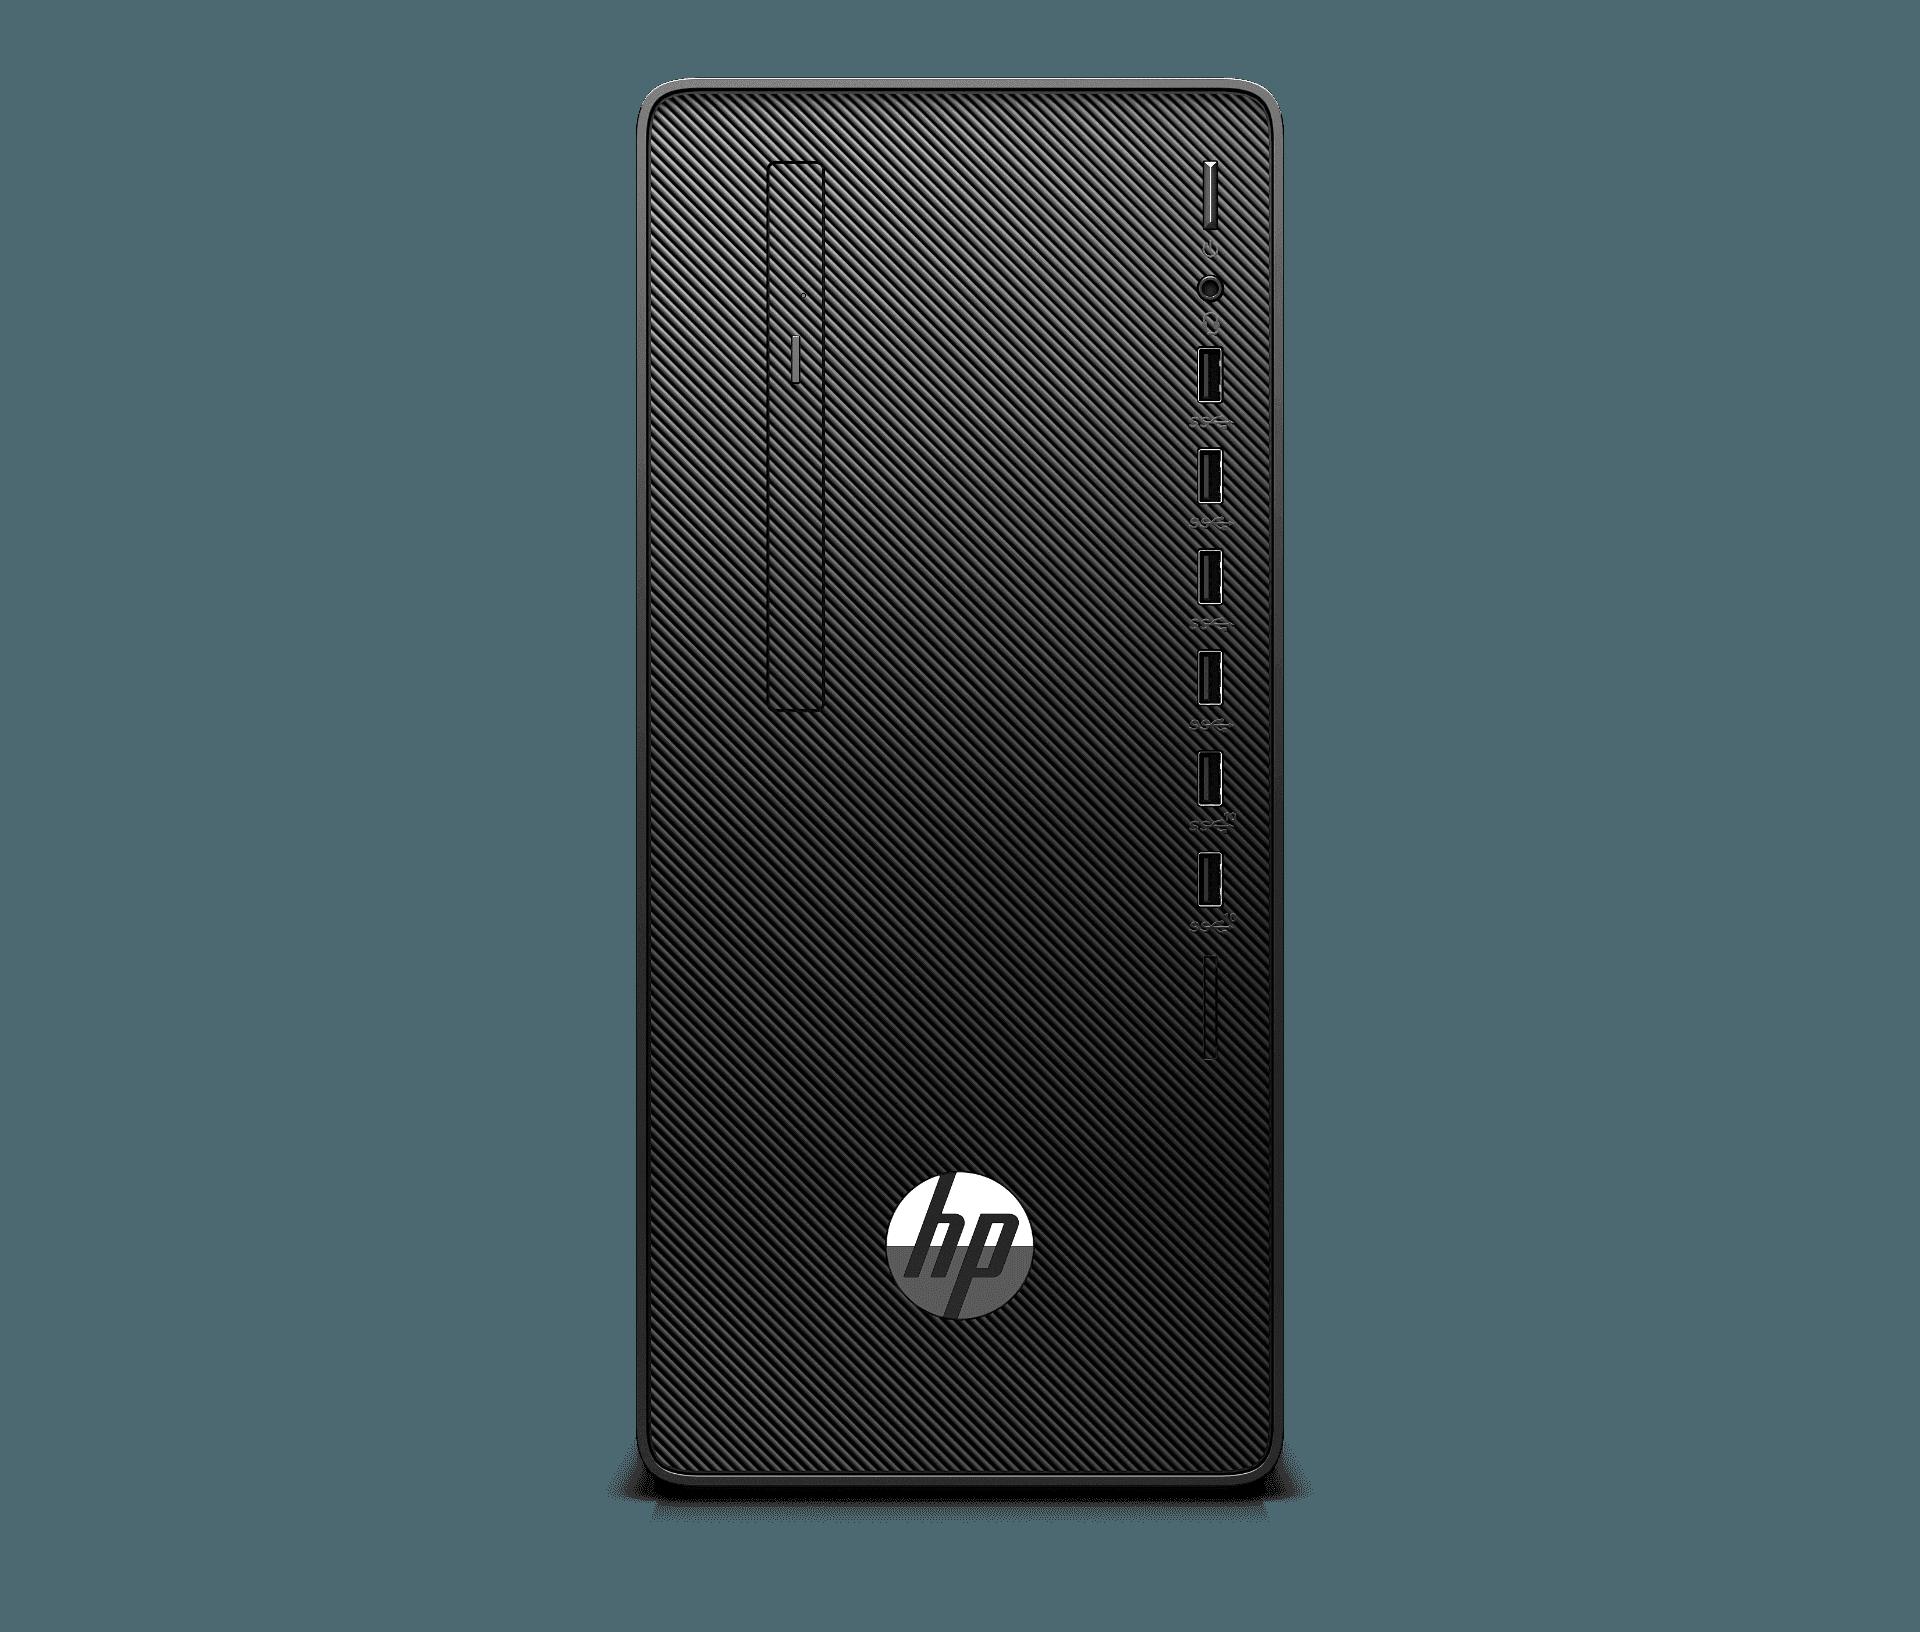 HP 280 Pro G6 Microtower PC Bundle | HP Store Hong Kong